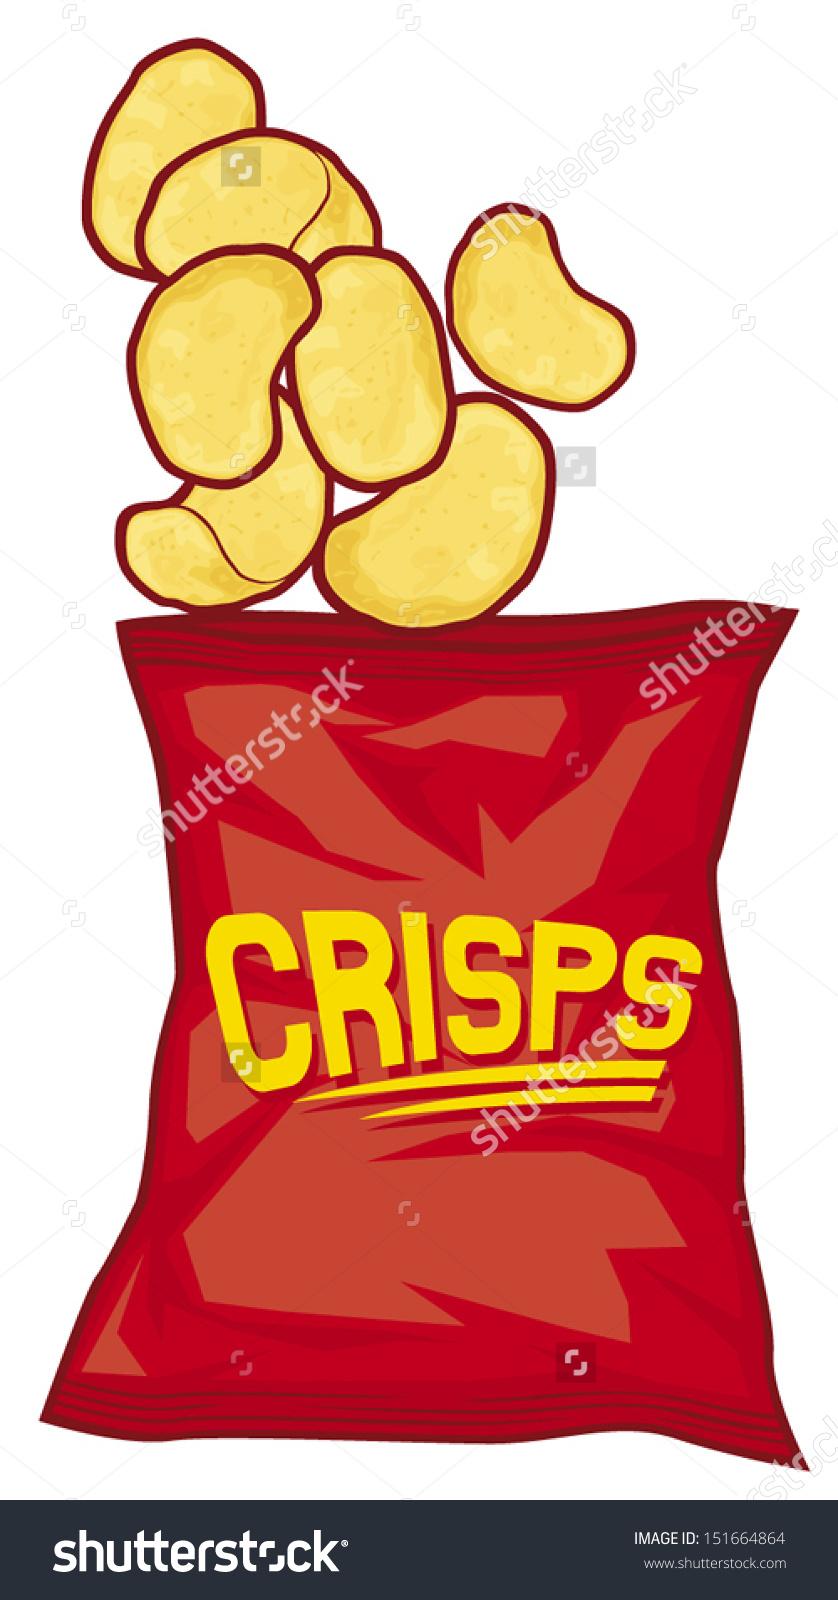 Crisp Clipart.